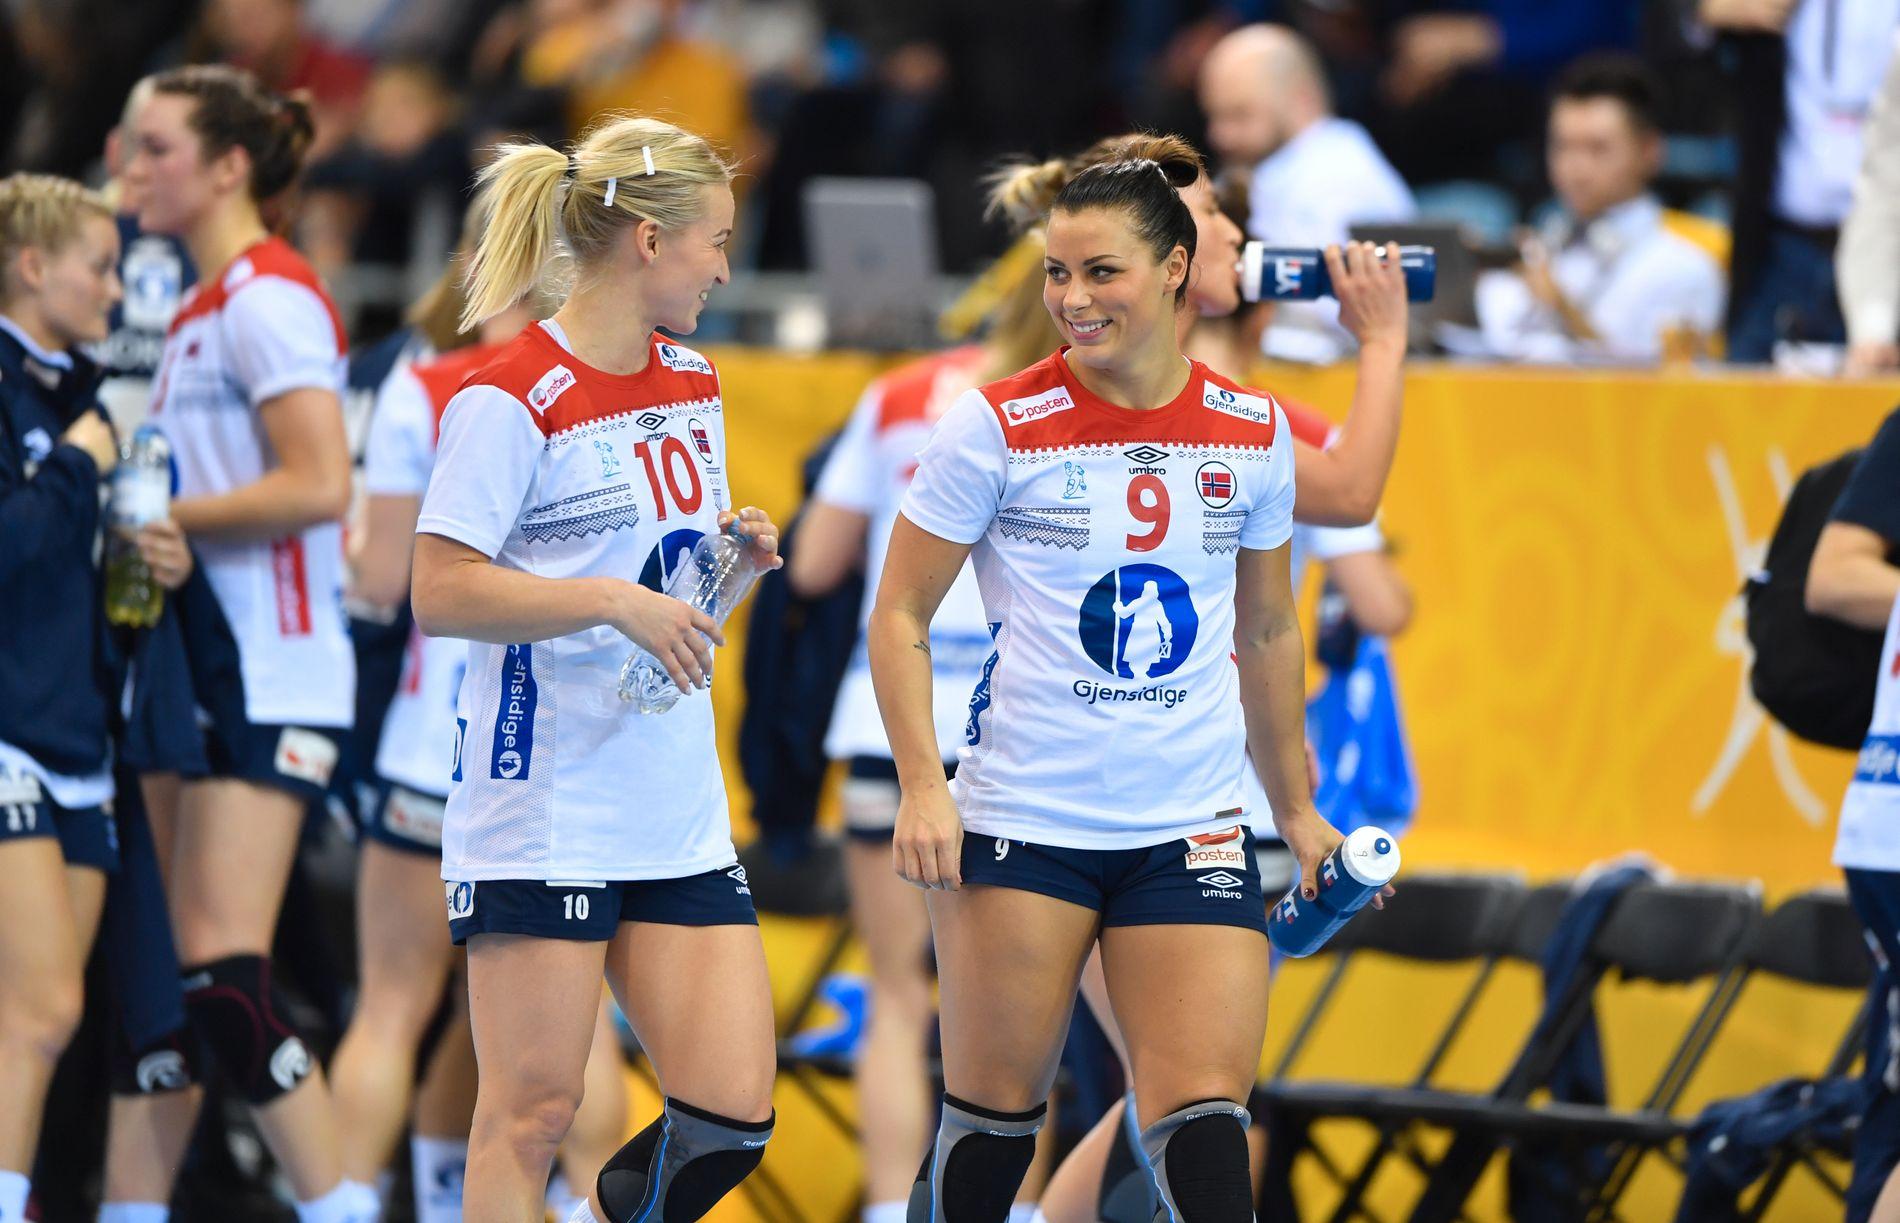 GODE: Stine Bredal Oftedal får best på VG-børsen, slik Nora Mørk har fått tidligere i mesterskapet.